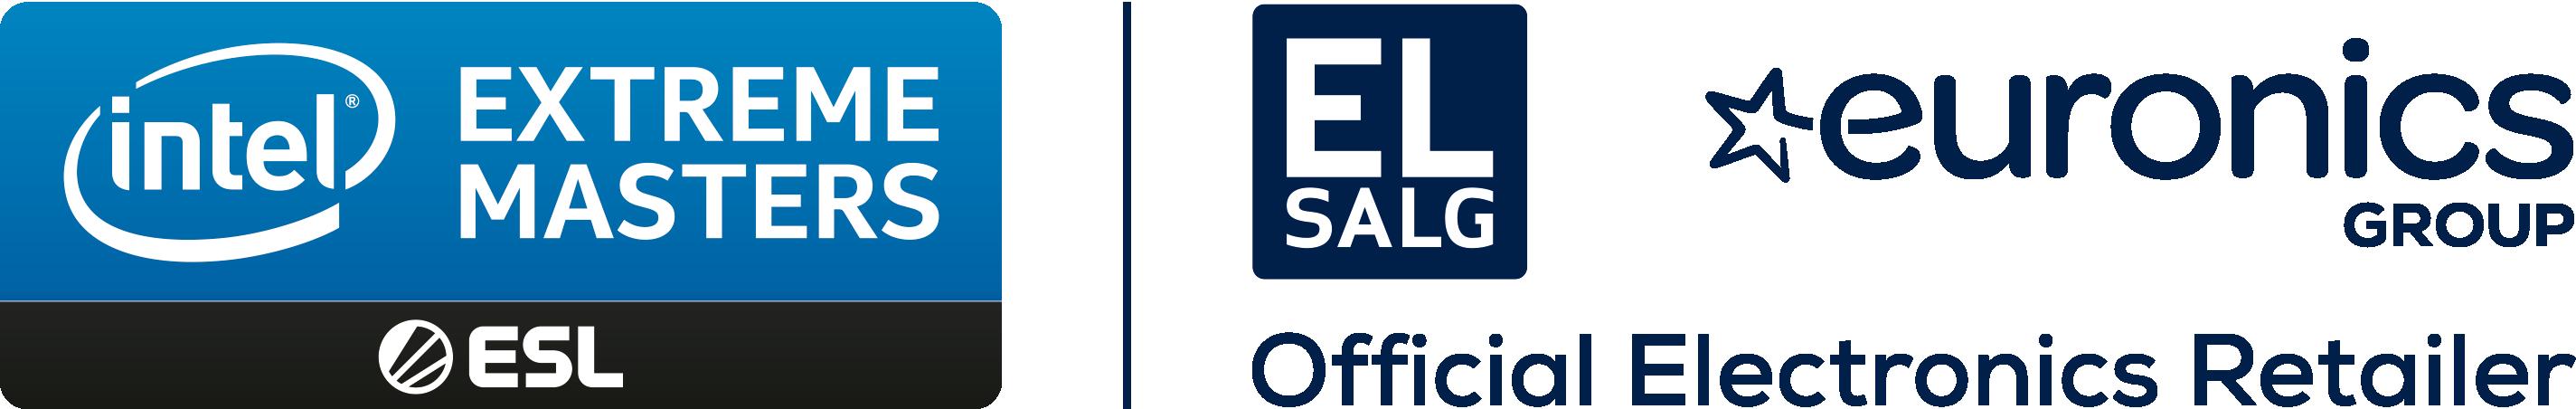 ESL Intel Extreme Masters Katowice 2020 med EL-Salg og Euronics Group